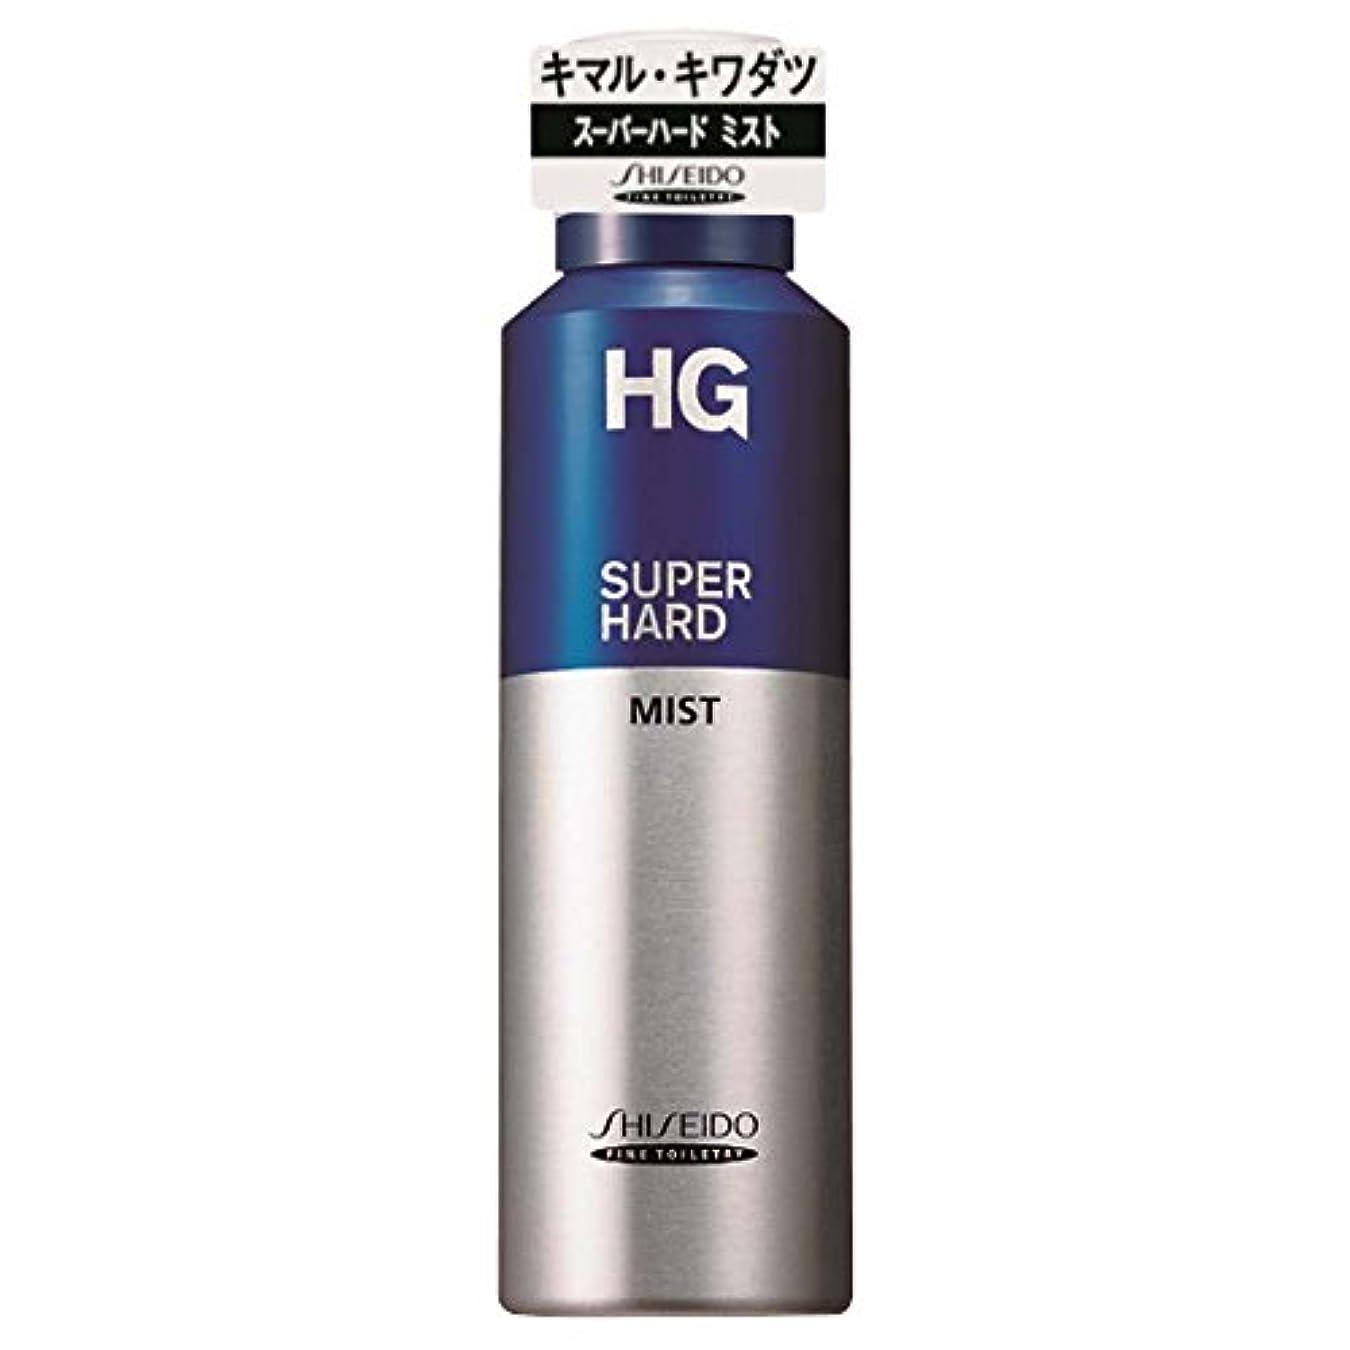 調整可能ハンバーガーポンドHG スーパーハードミストa 【HTRC3】